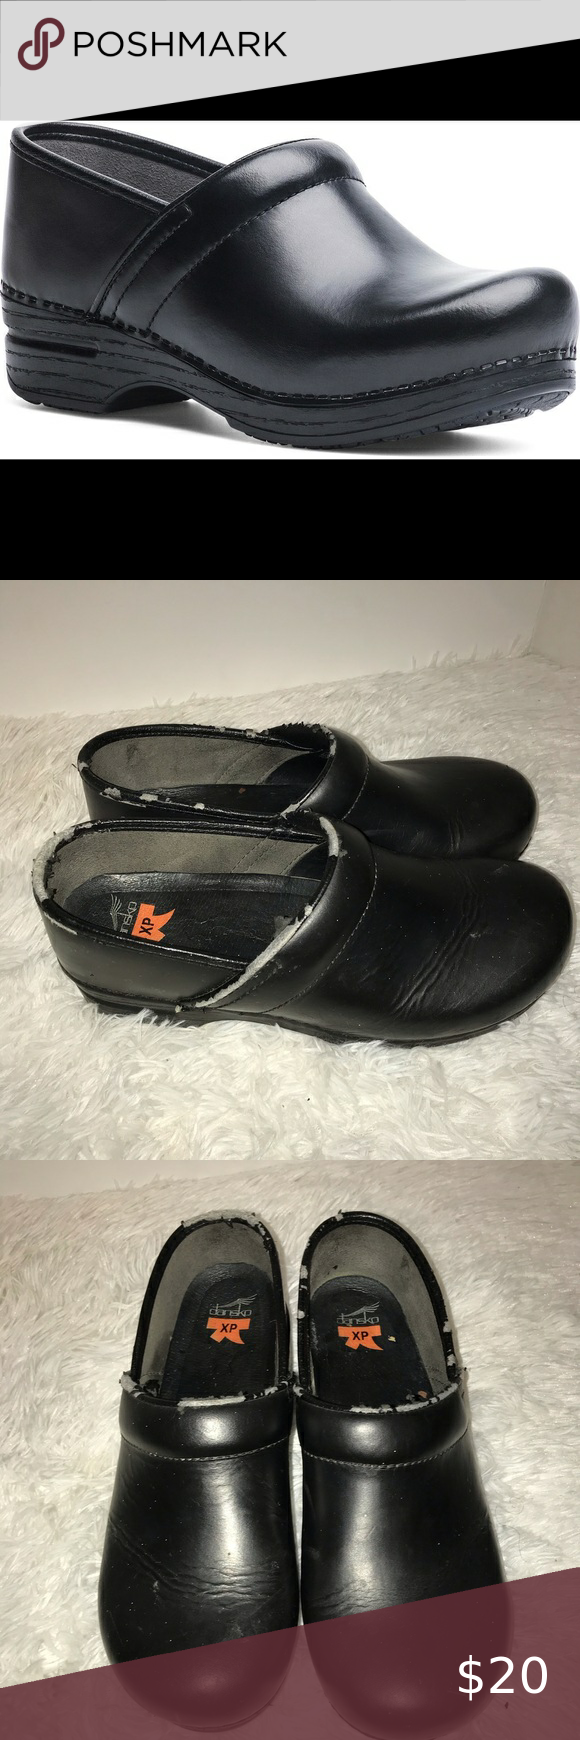 Dansko Proffesional Clog Black Leather